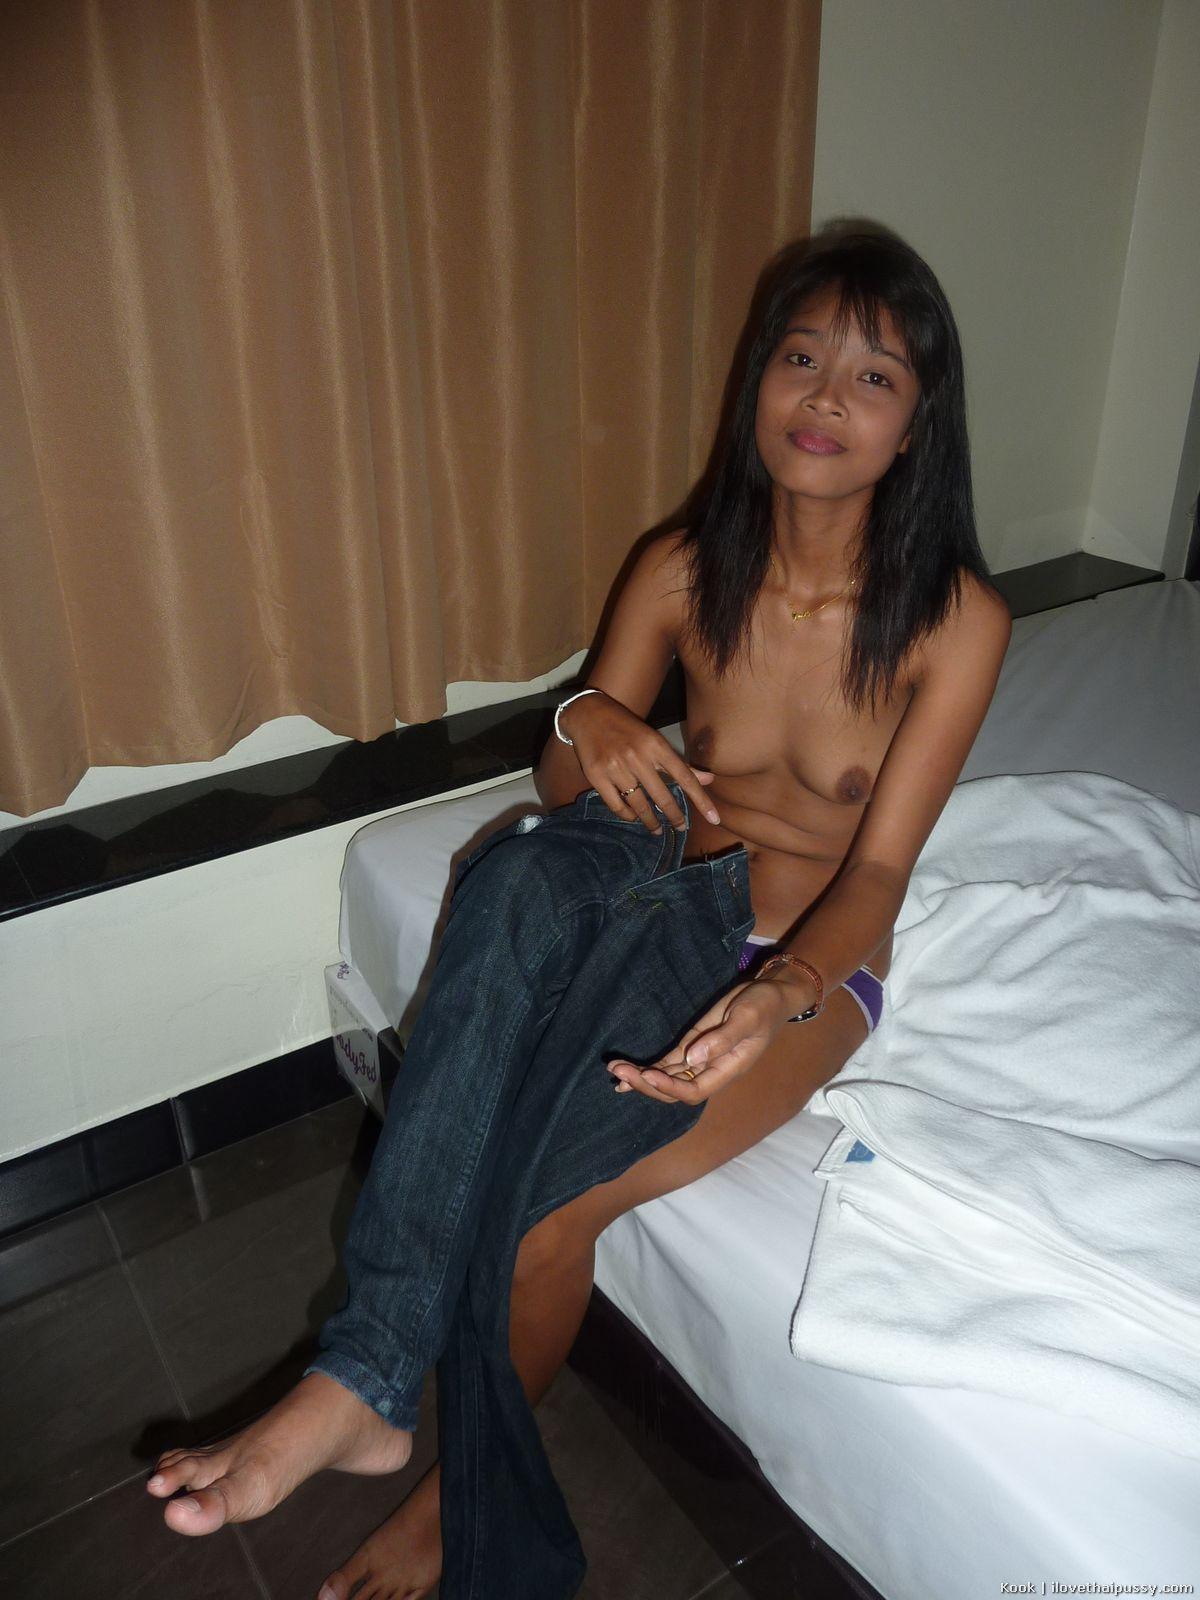 harie pussys thailand cheap escort